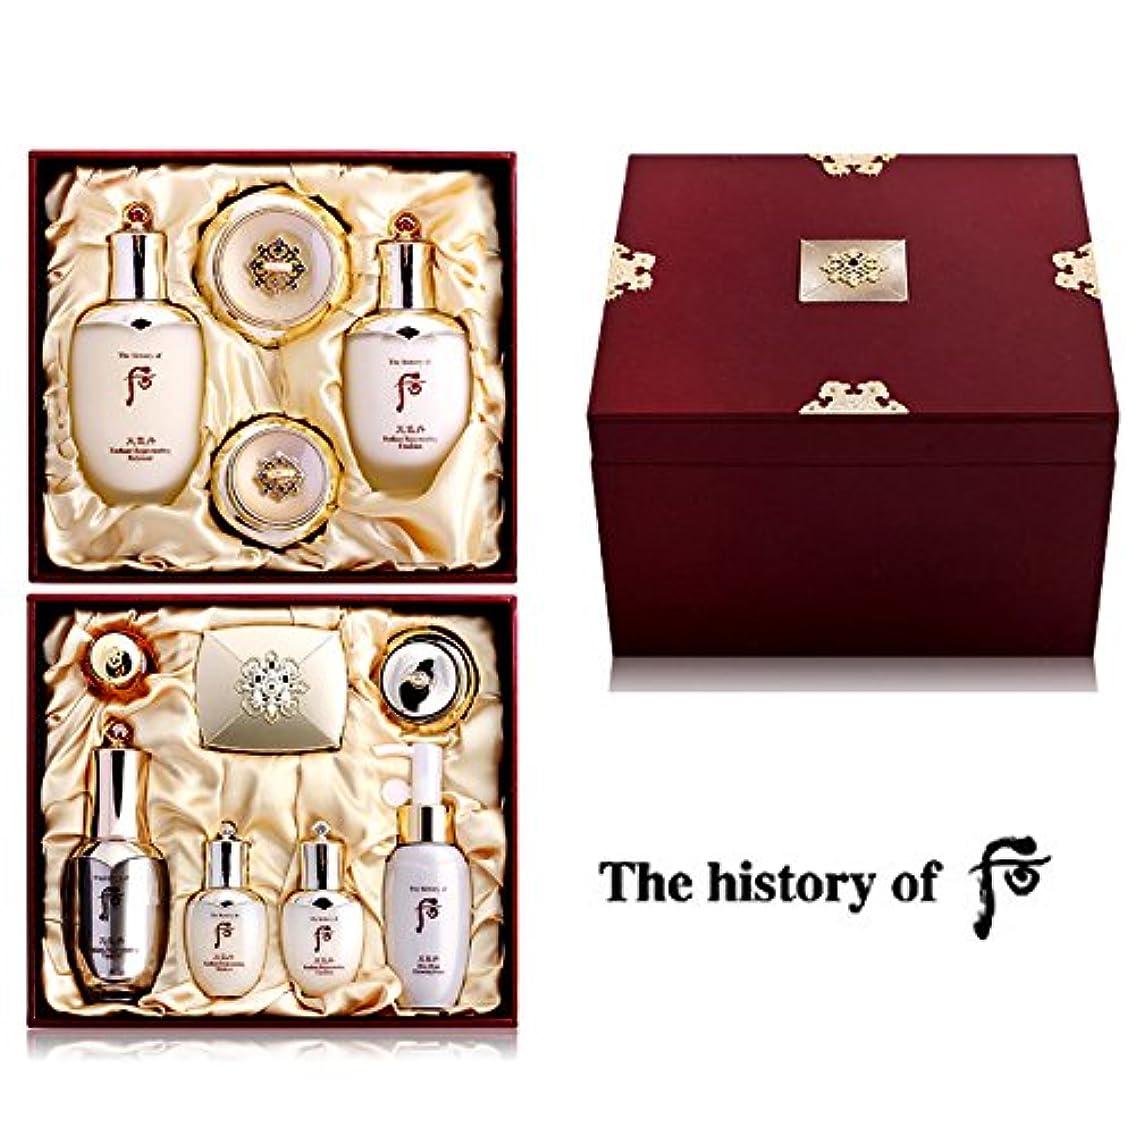 フィドル理解びっくりした【フー/The history of whoo] 天気丹 王侯(チョンギダン ワンフ) セット/Chonghi Dan Queen Special Set+[Sample Gift](海外直送品)